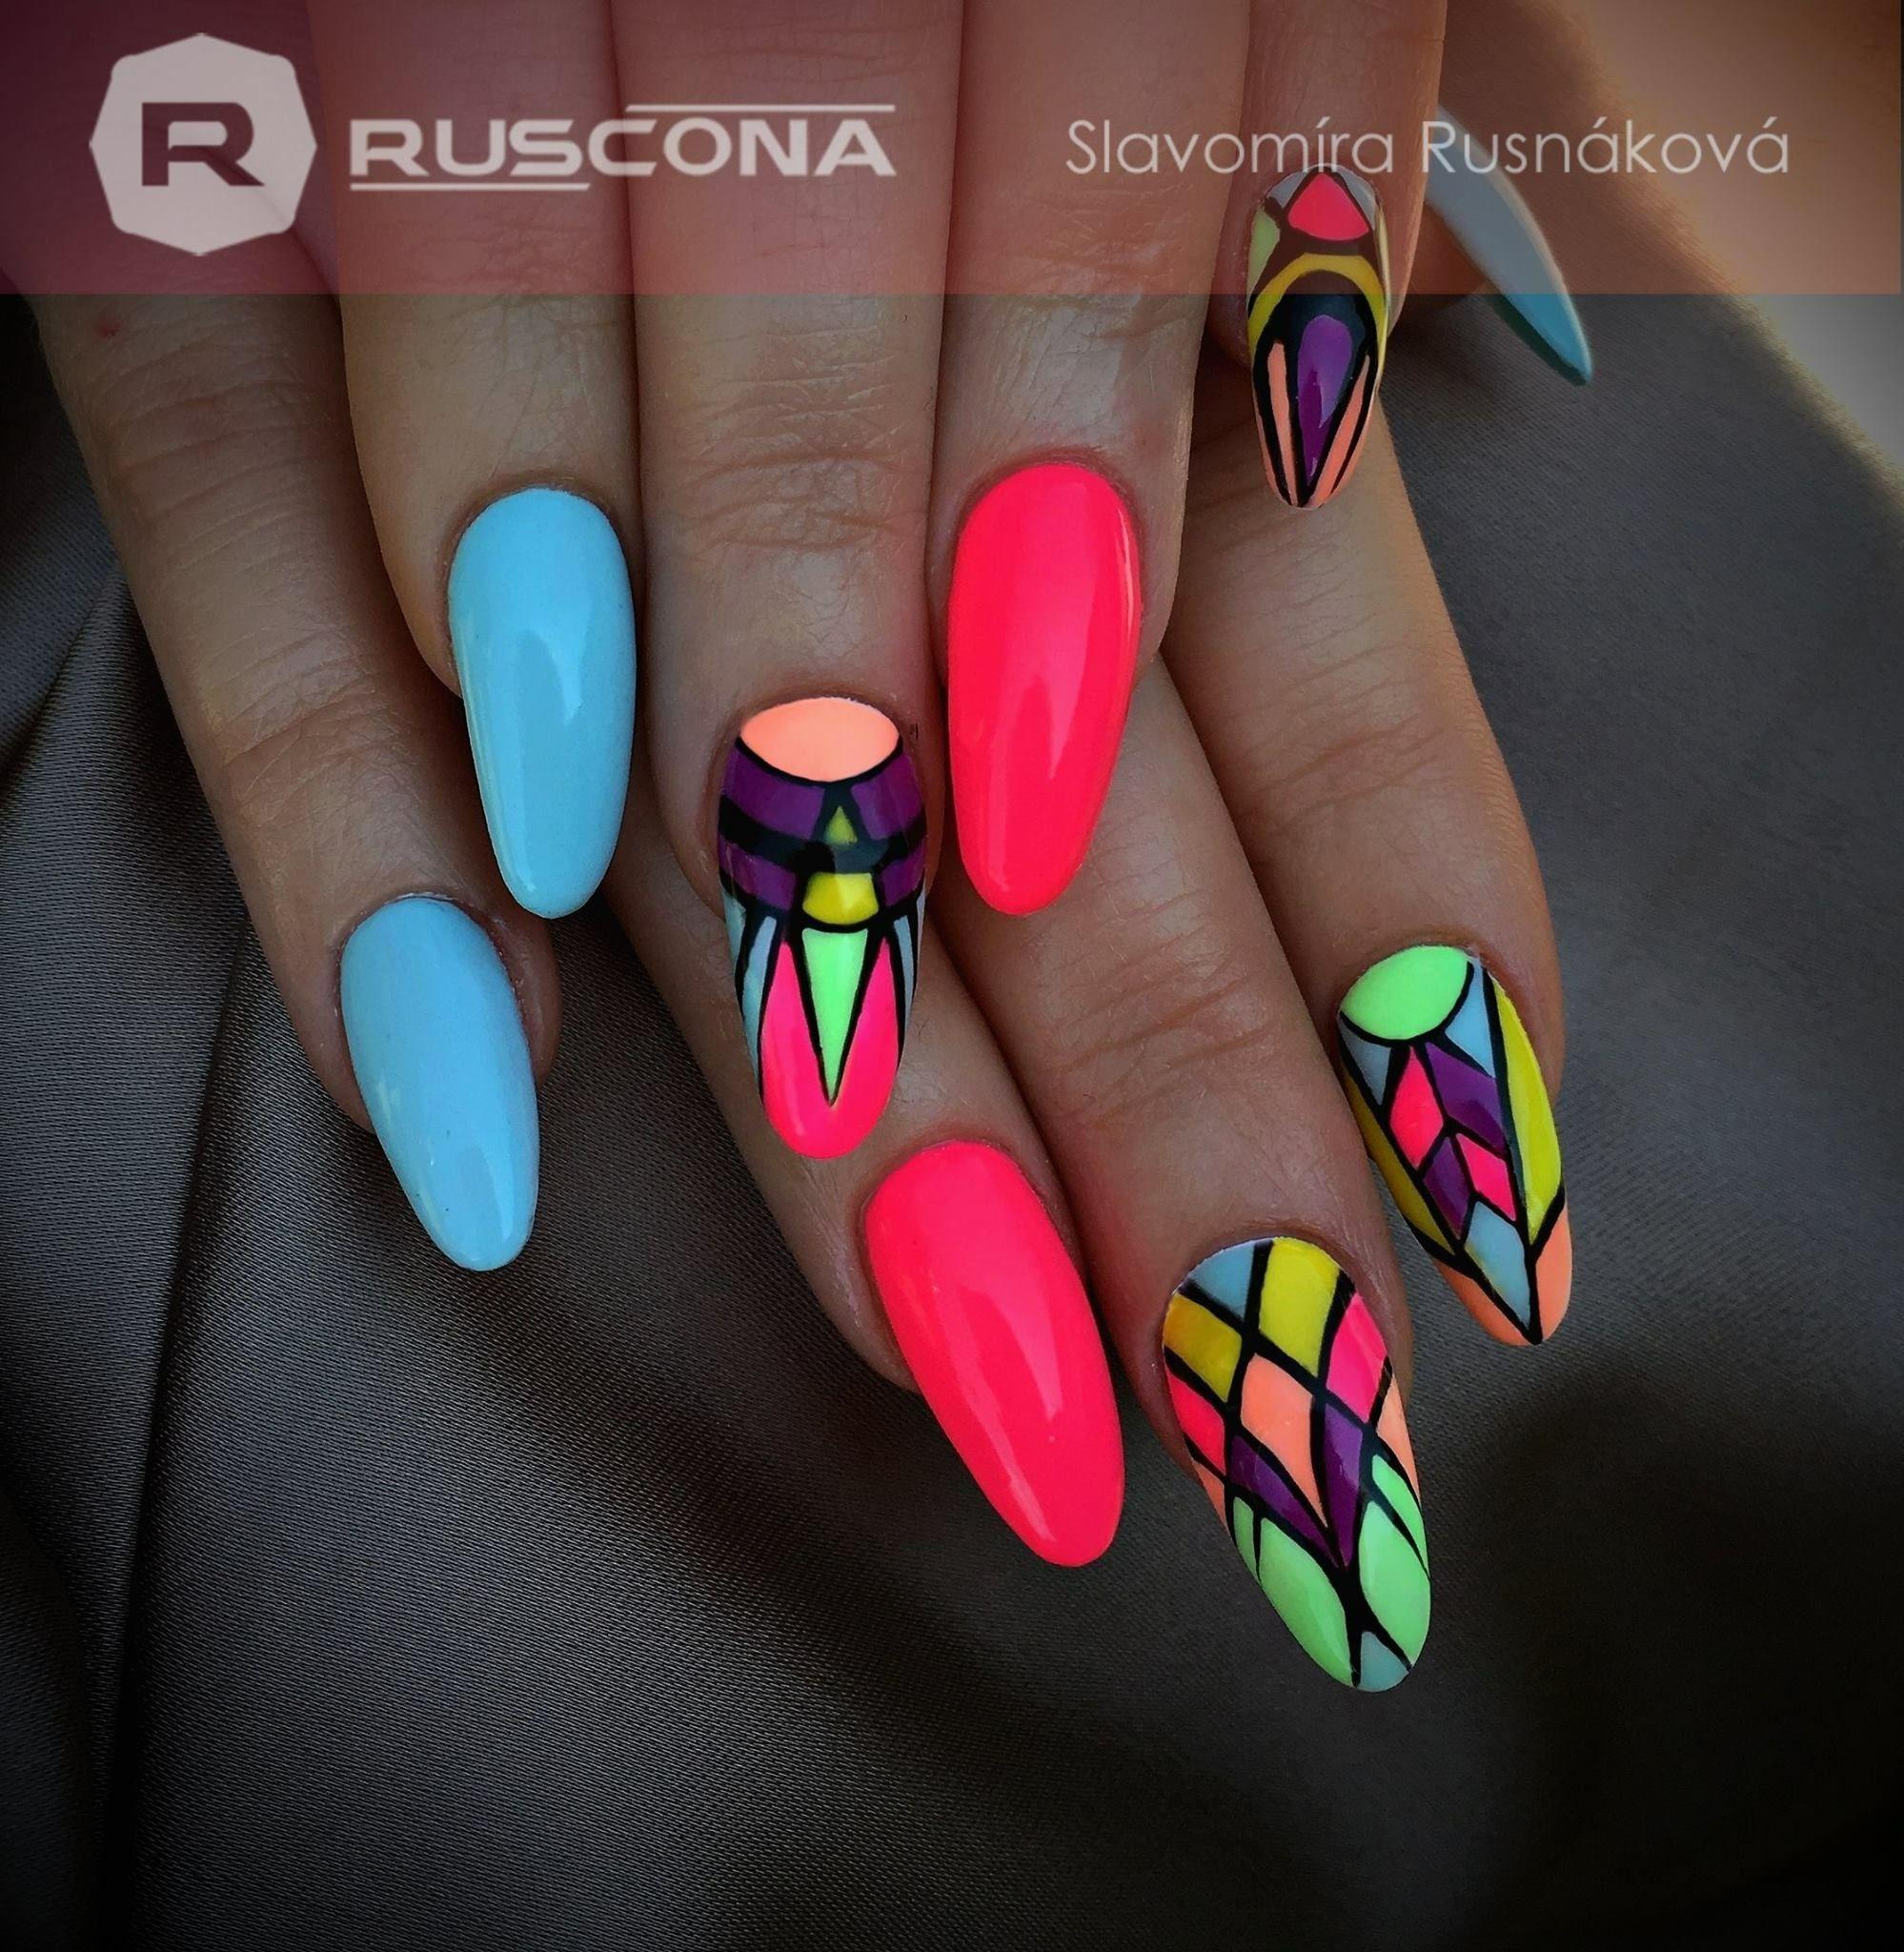 Pin by Оля on нігтики | Pinterest | Manicure